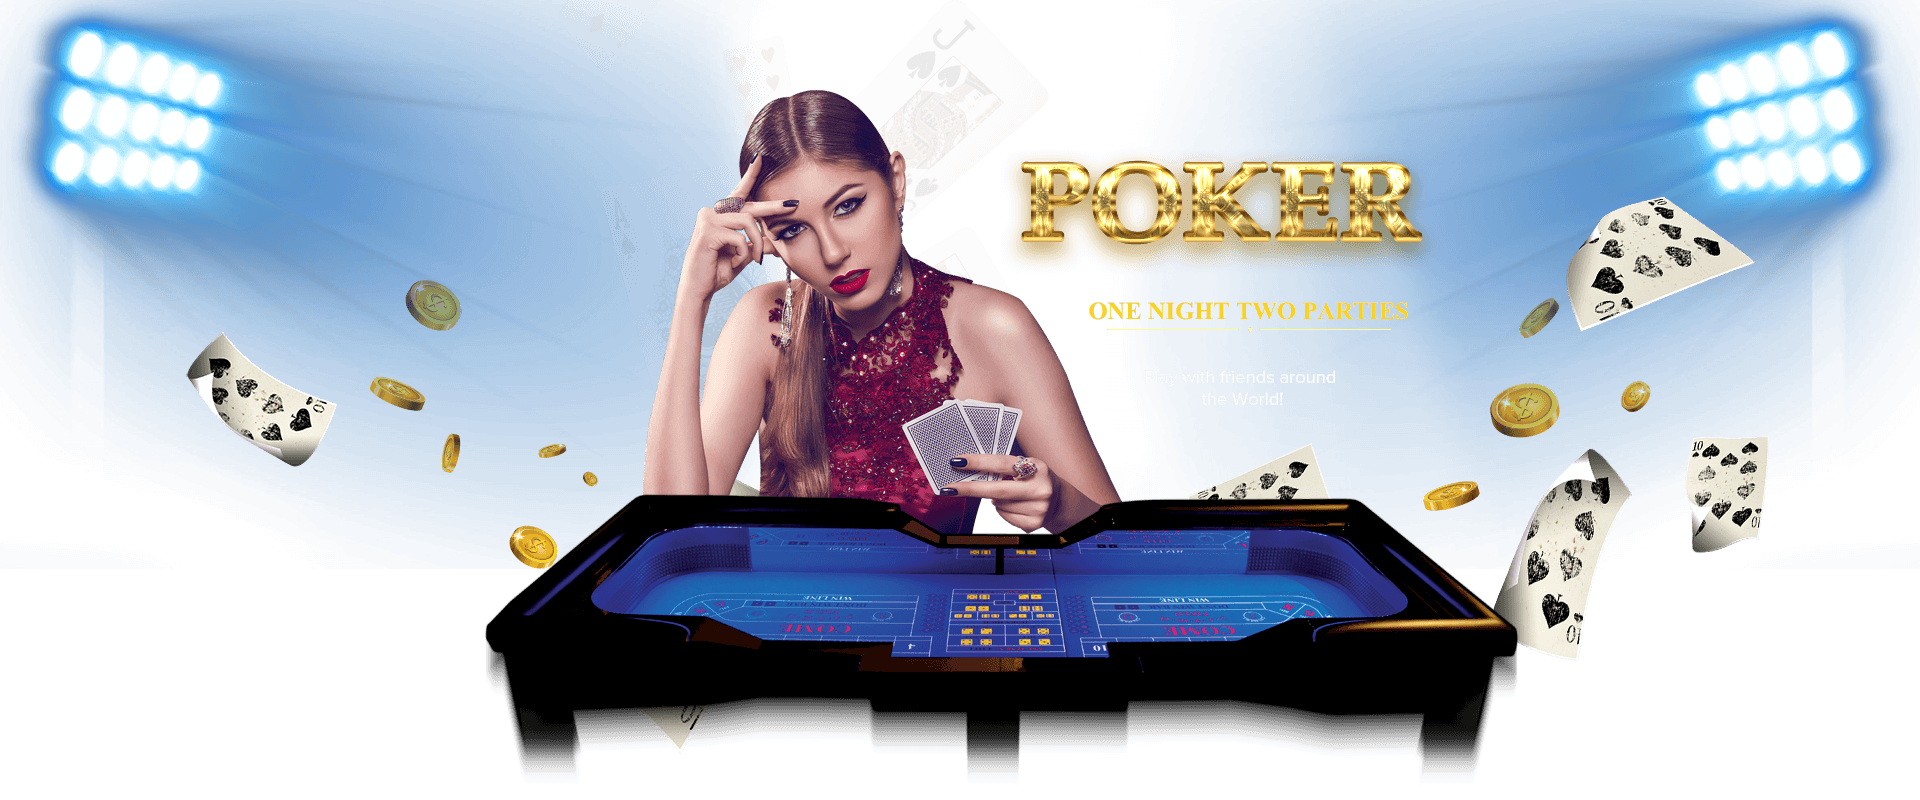 Uw668 - Playing Poker Online Malaysia | Poker, Free slots casino, Best  casino games